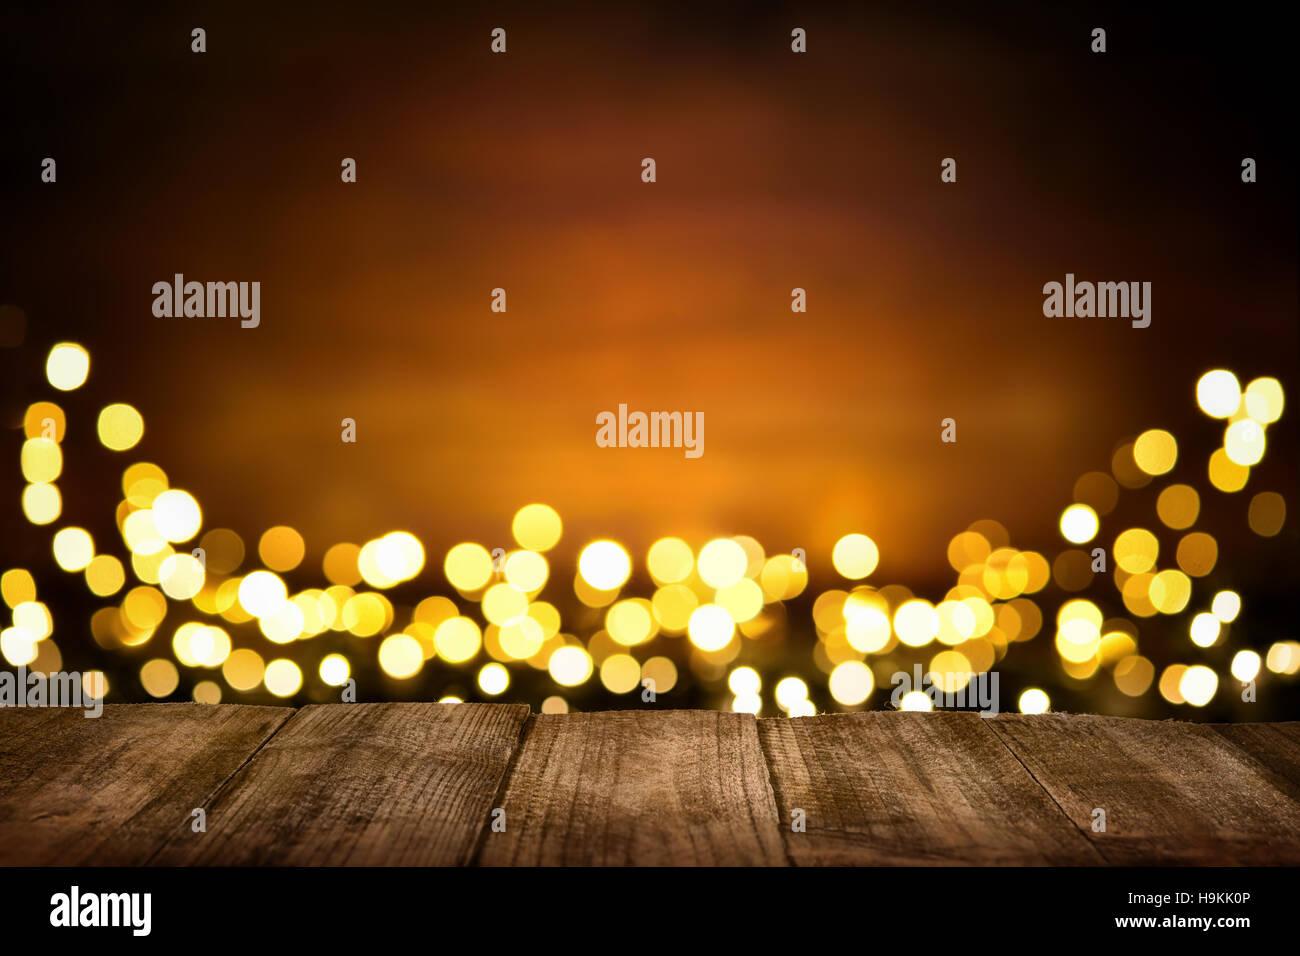 Festliche hölzernen Hintergrund mit glitzernden Lichtern, die Bokeh ...